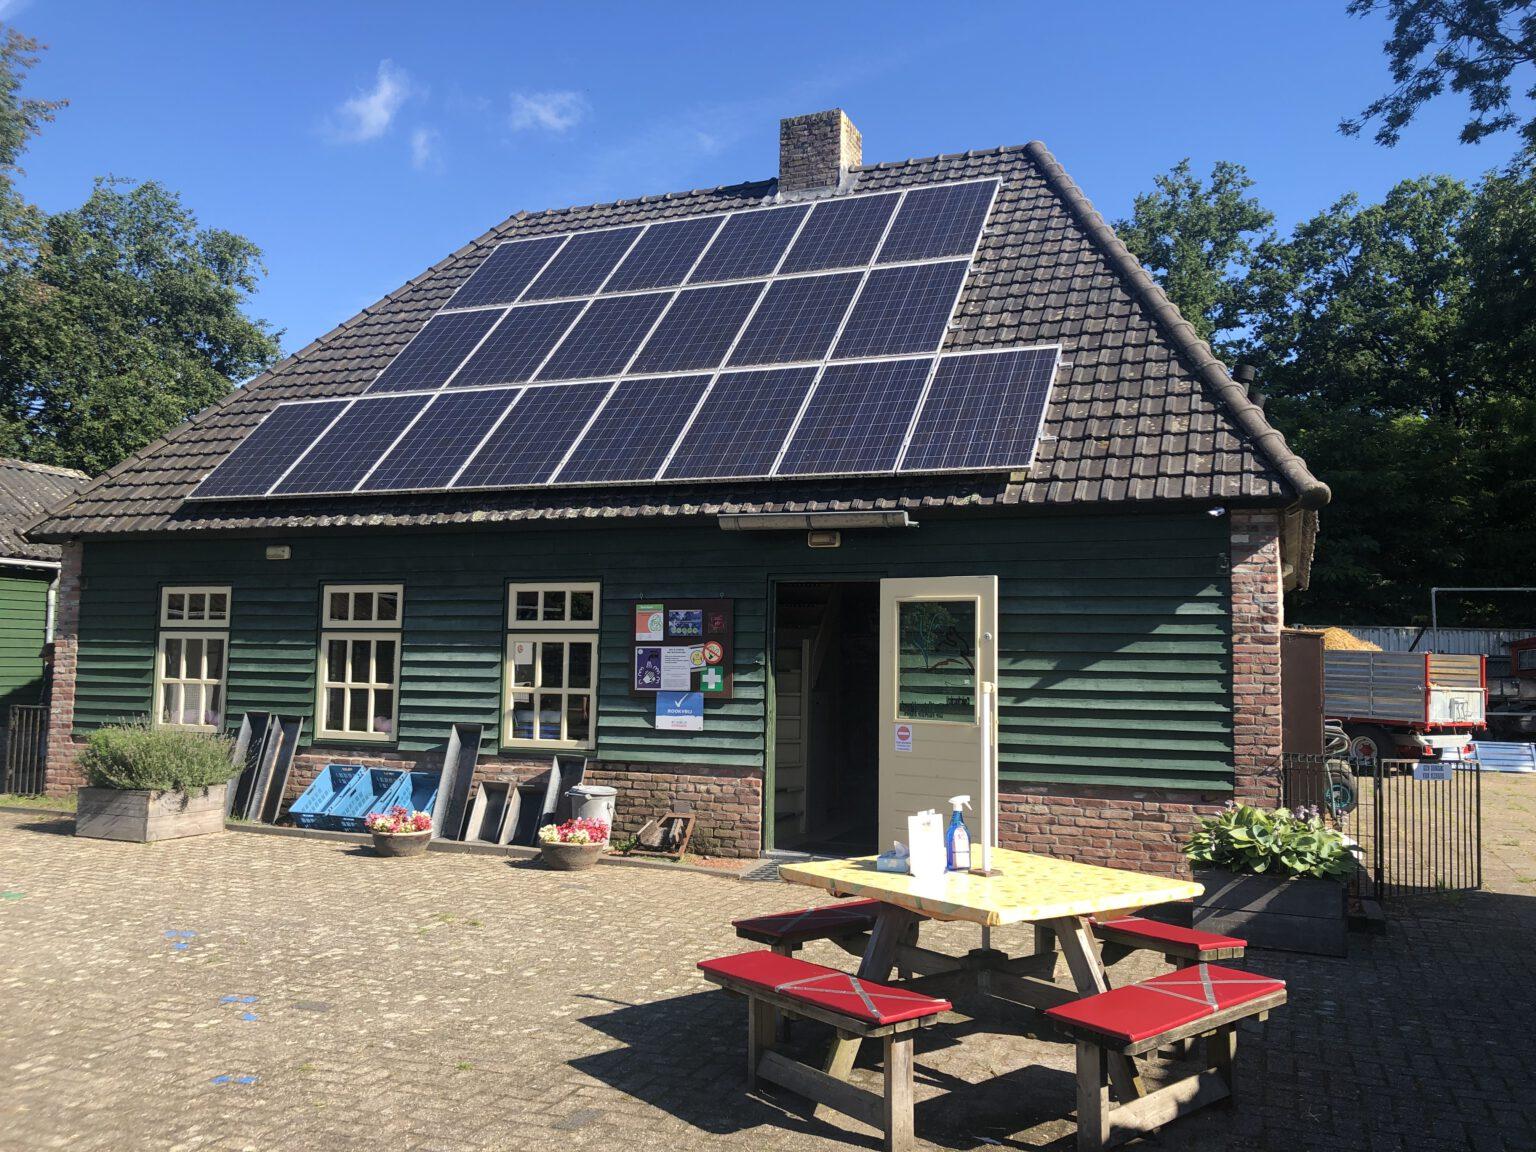 terras kinderboerderij met tafels en bankjes